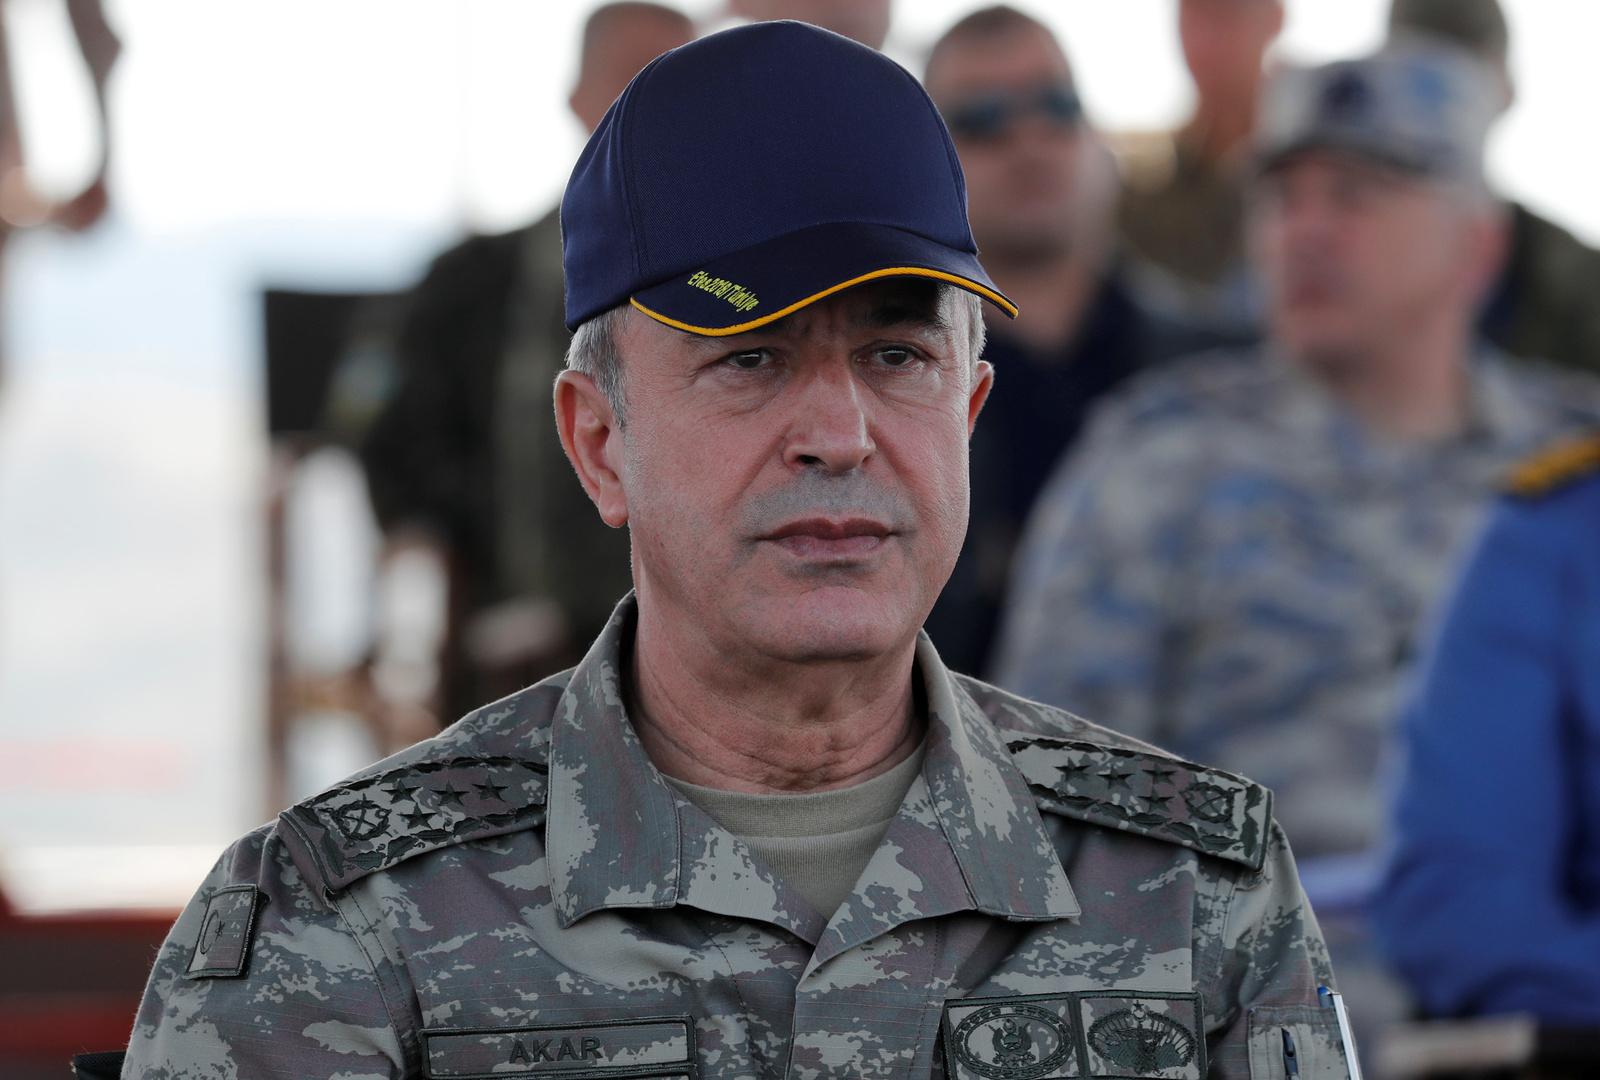 وزير الدفاع التركي: سنواصل الوقوف إلى جانب الجيش الأذربيجاني ضد أرمينيا